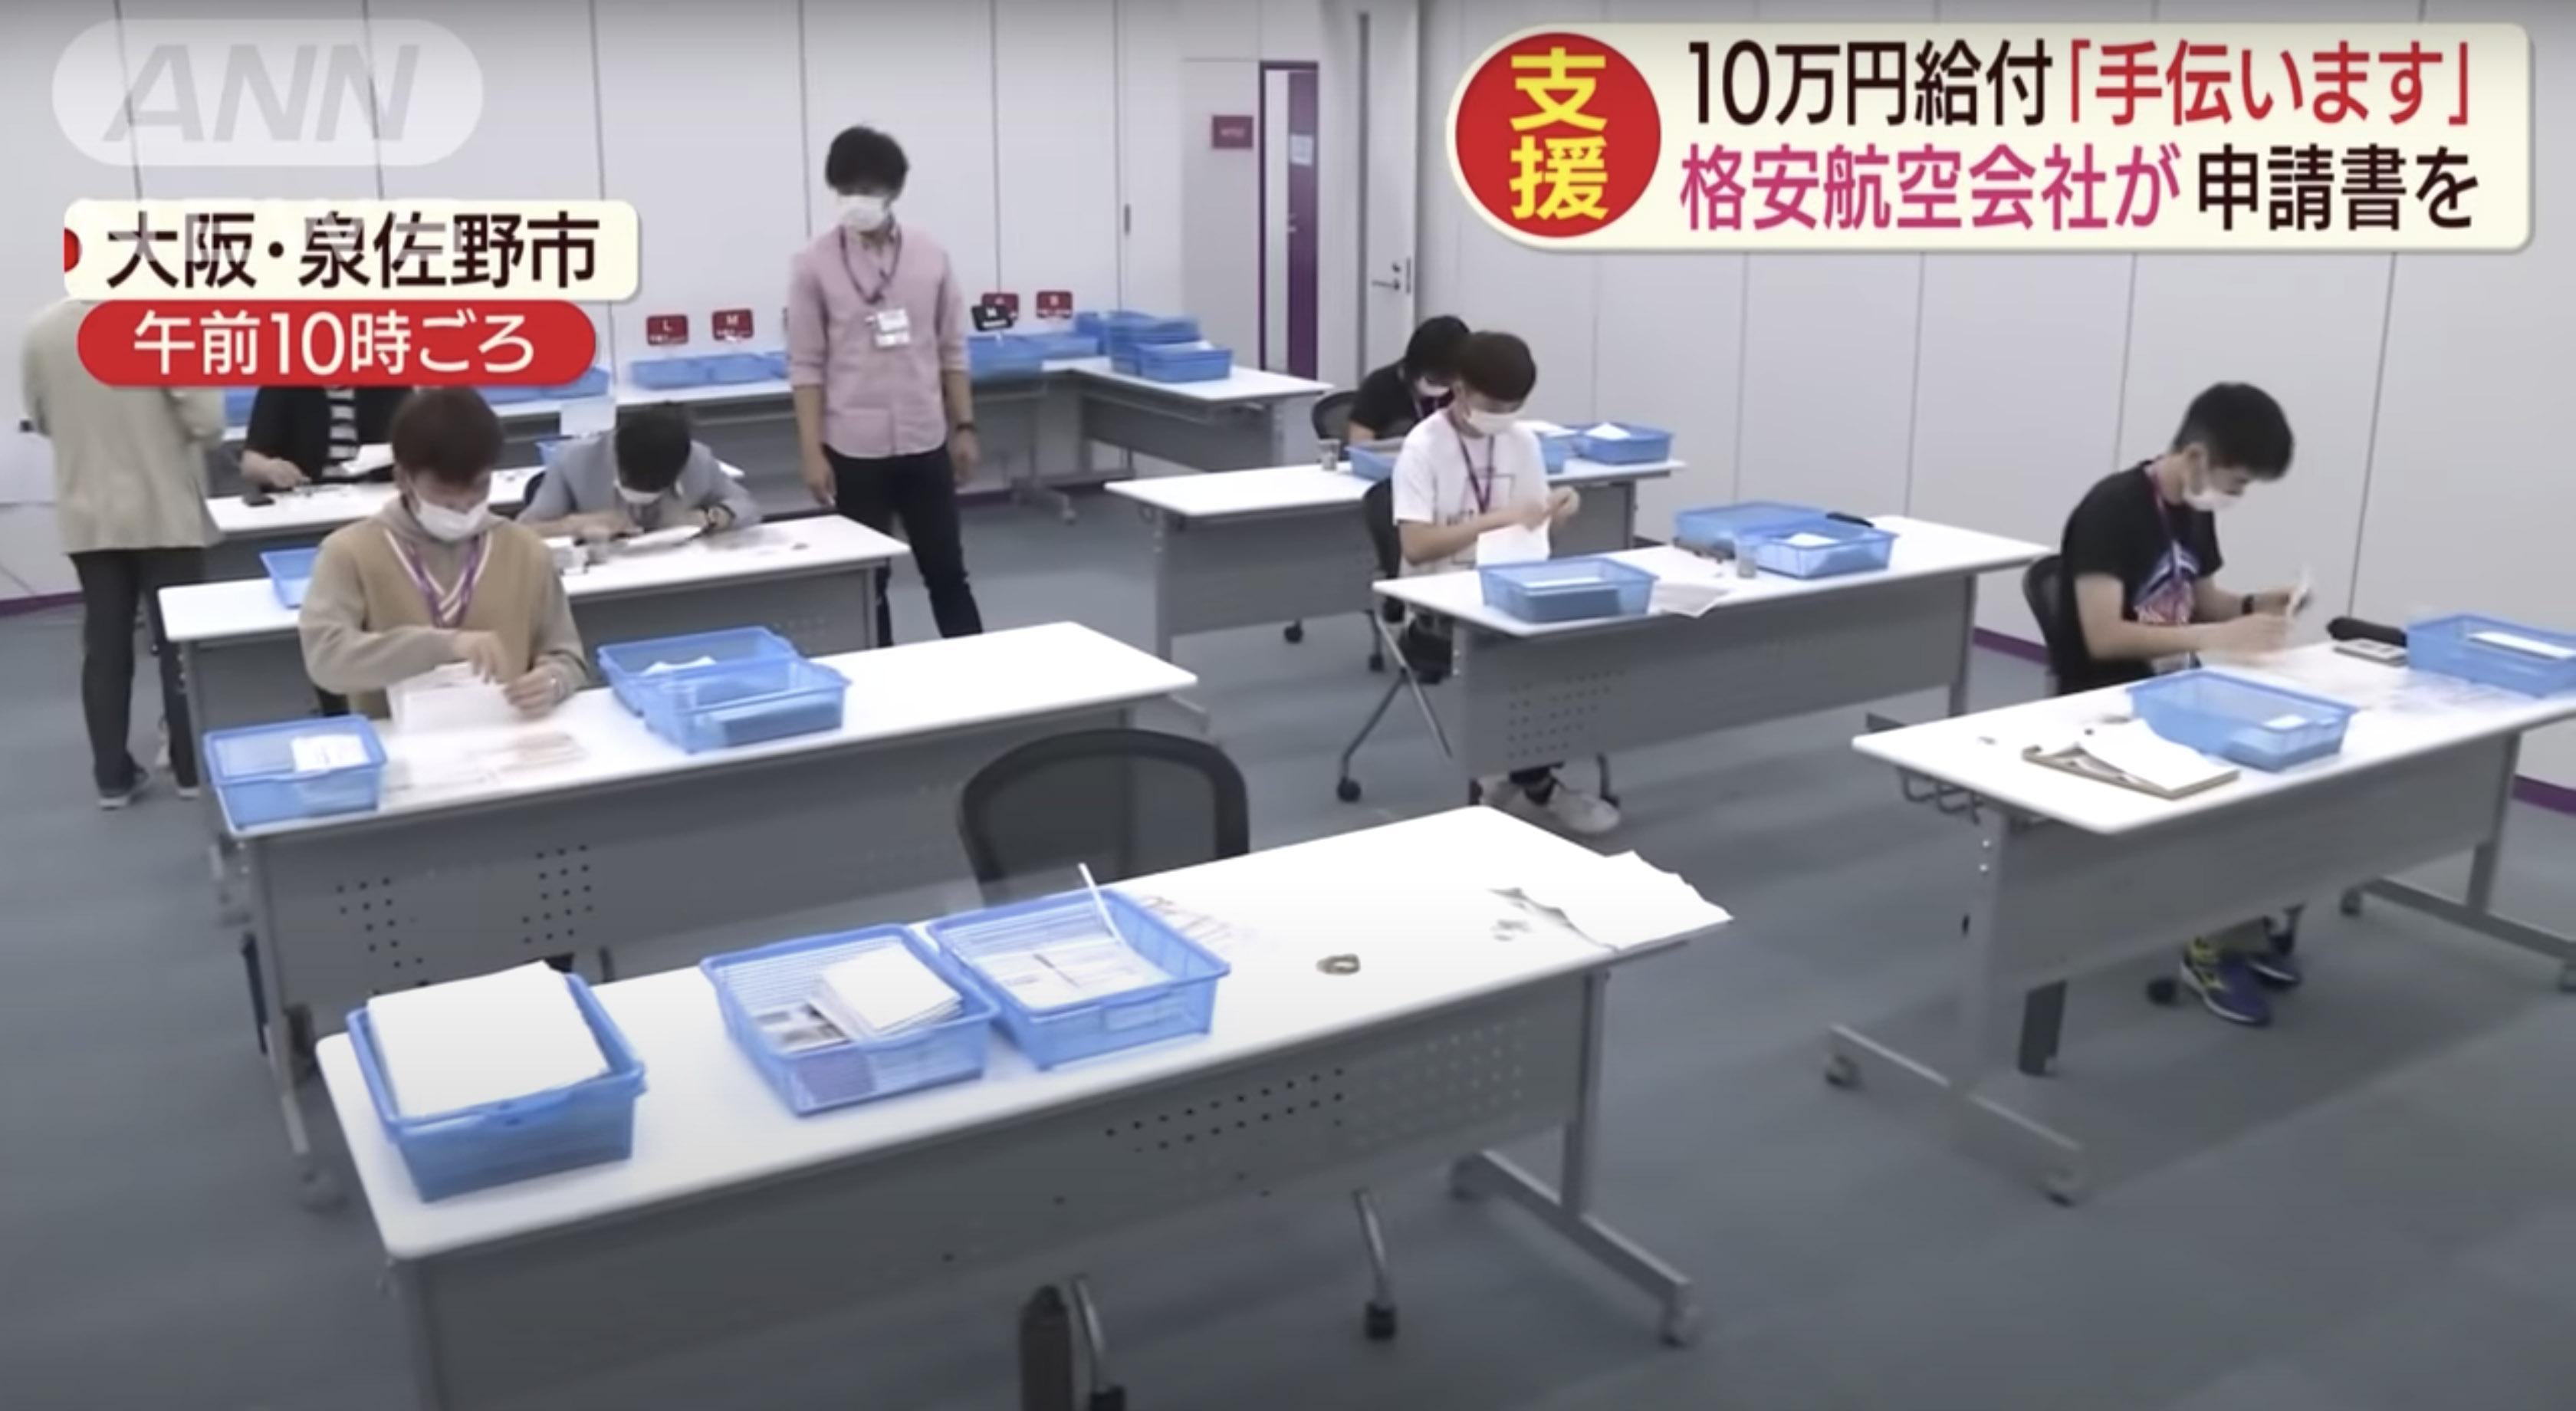 【10万円給付の業務】格安航空会社「ピーチ」が協力